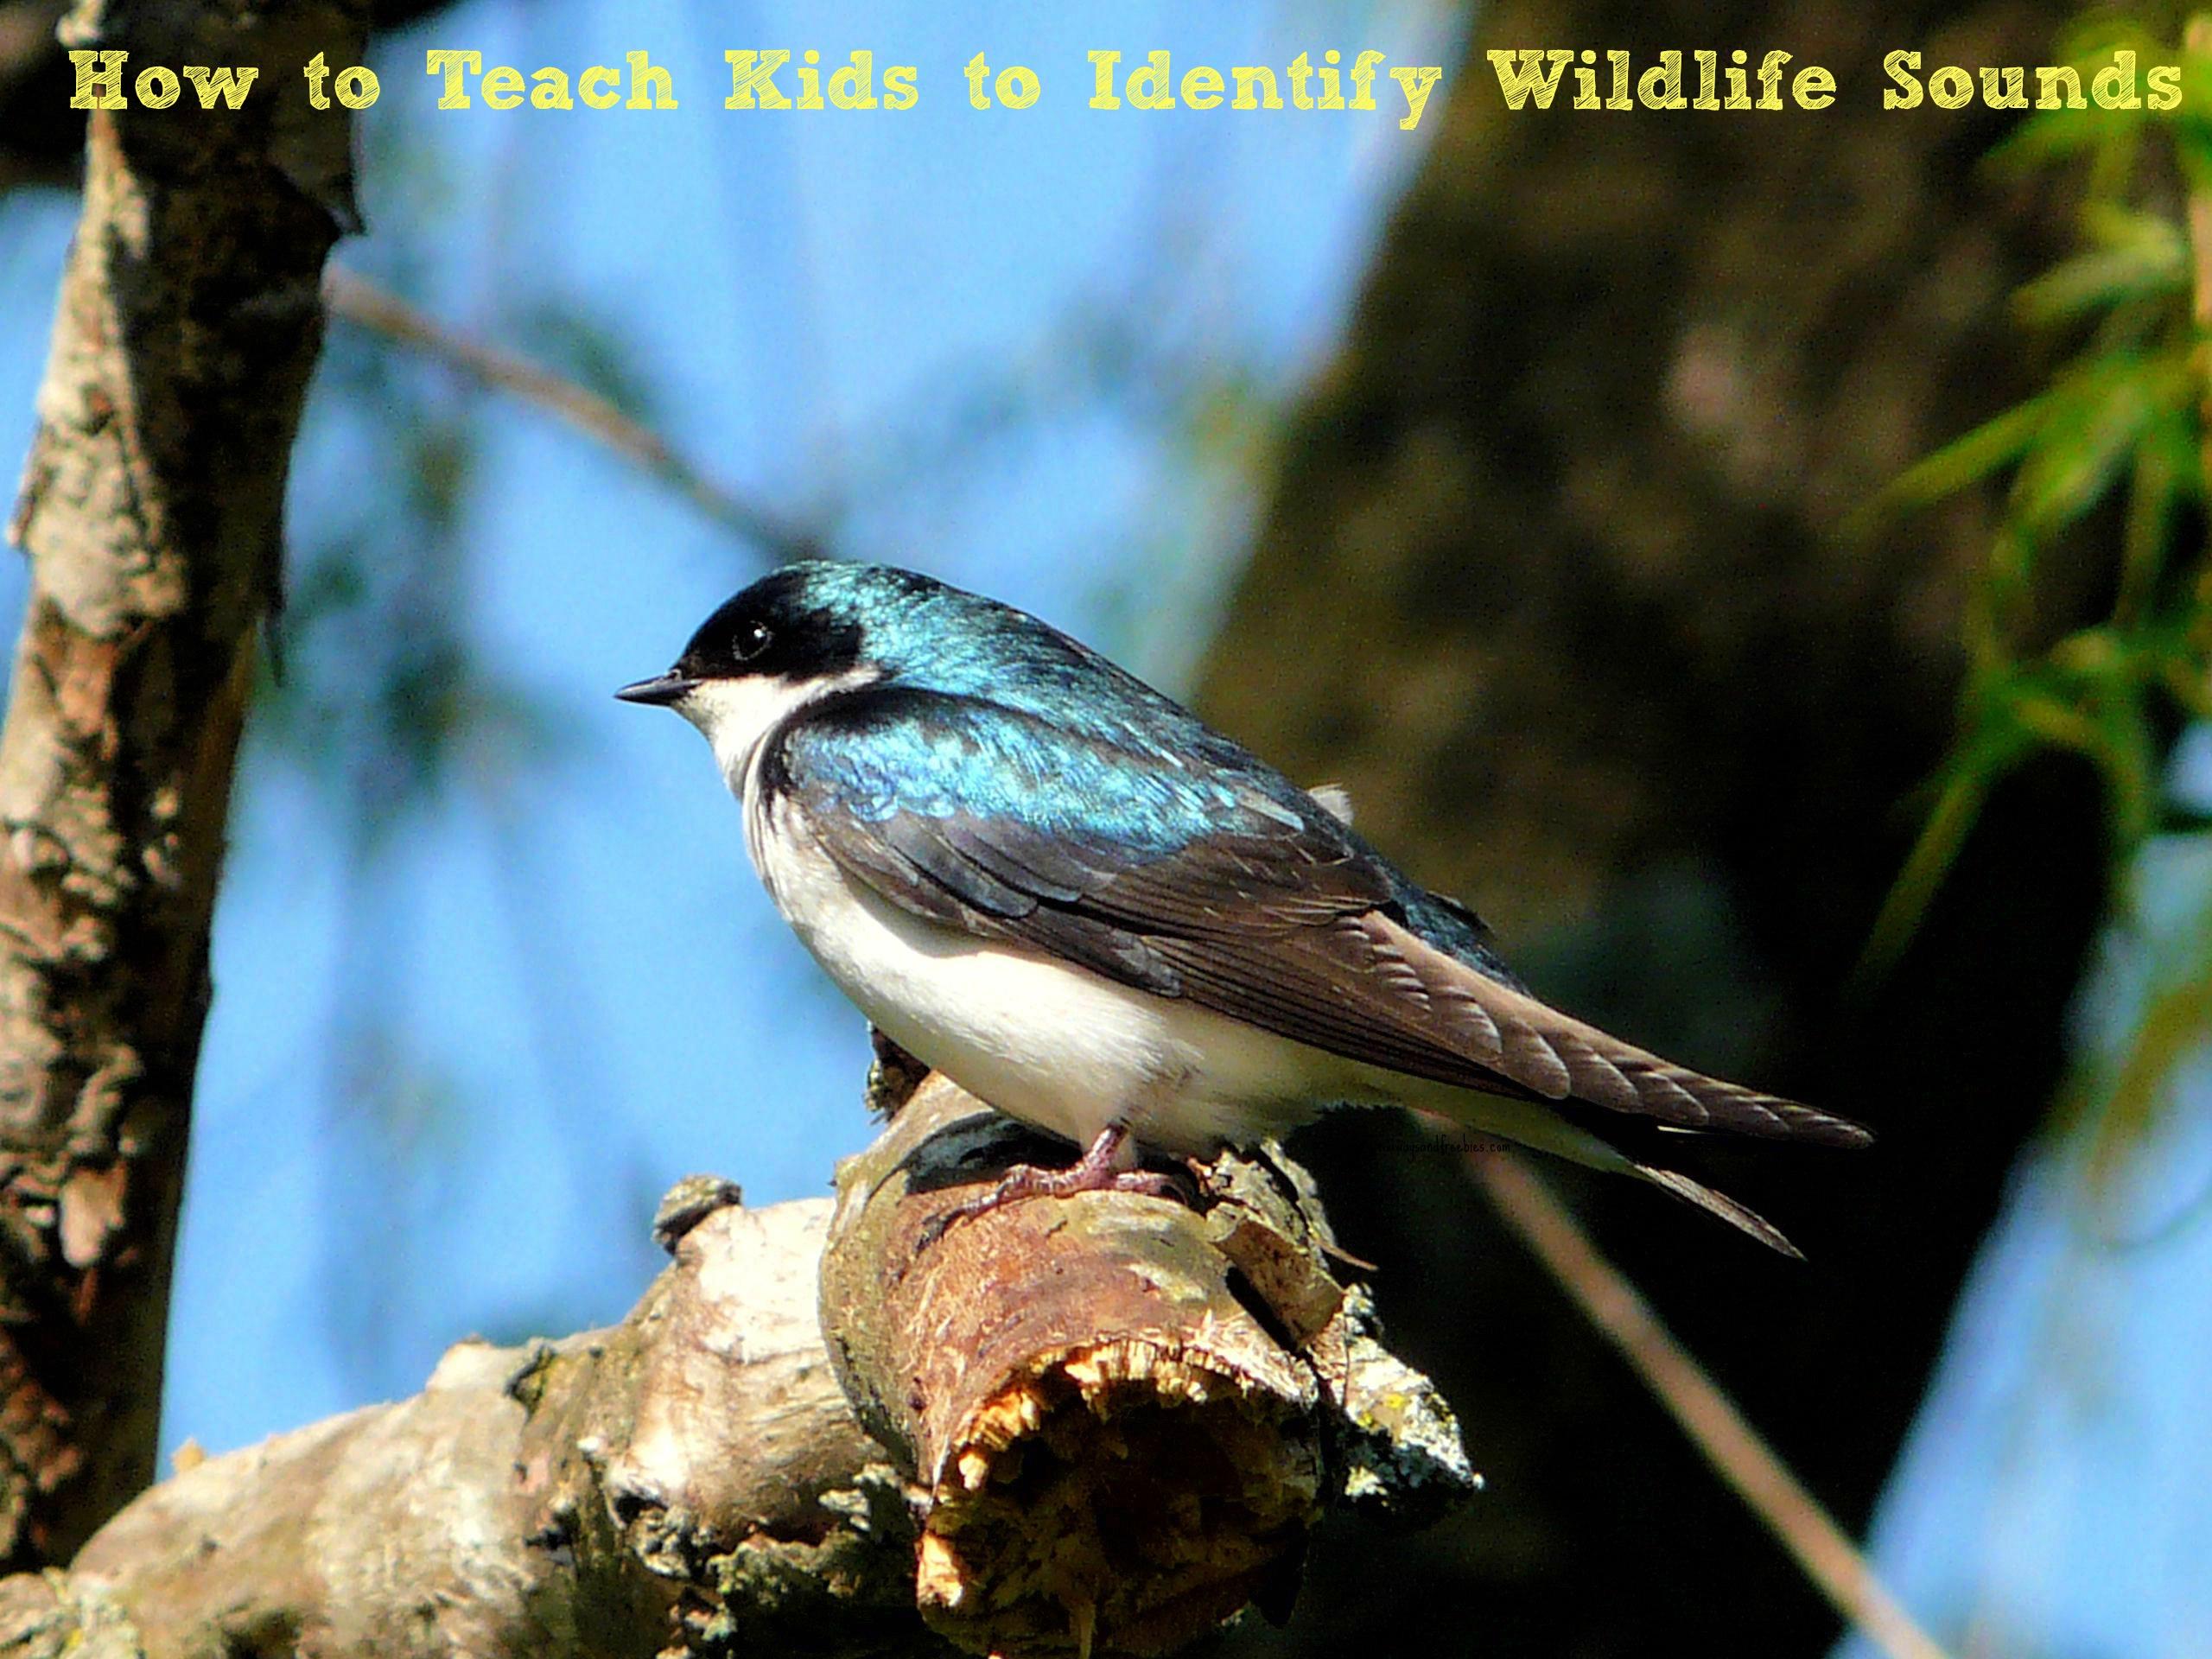 How to Teach Kids to Identify Wildlife Sounds